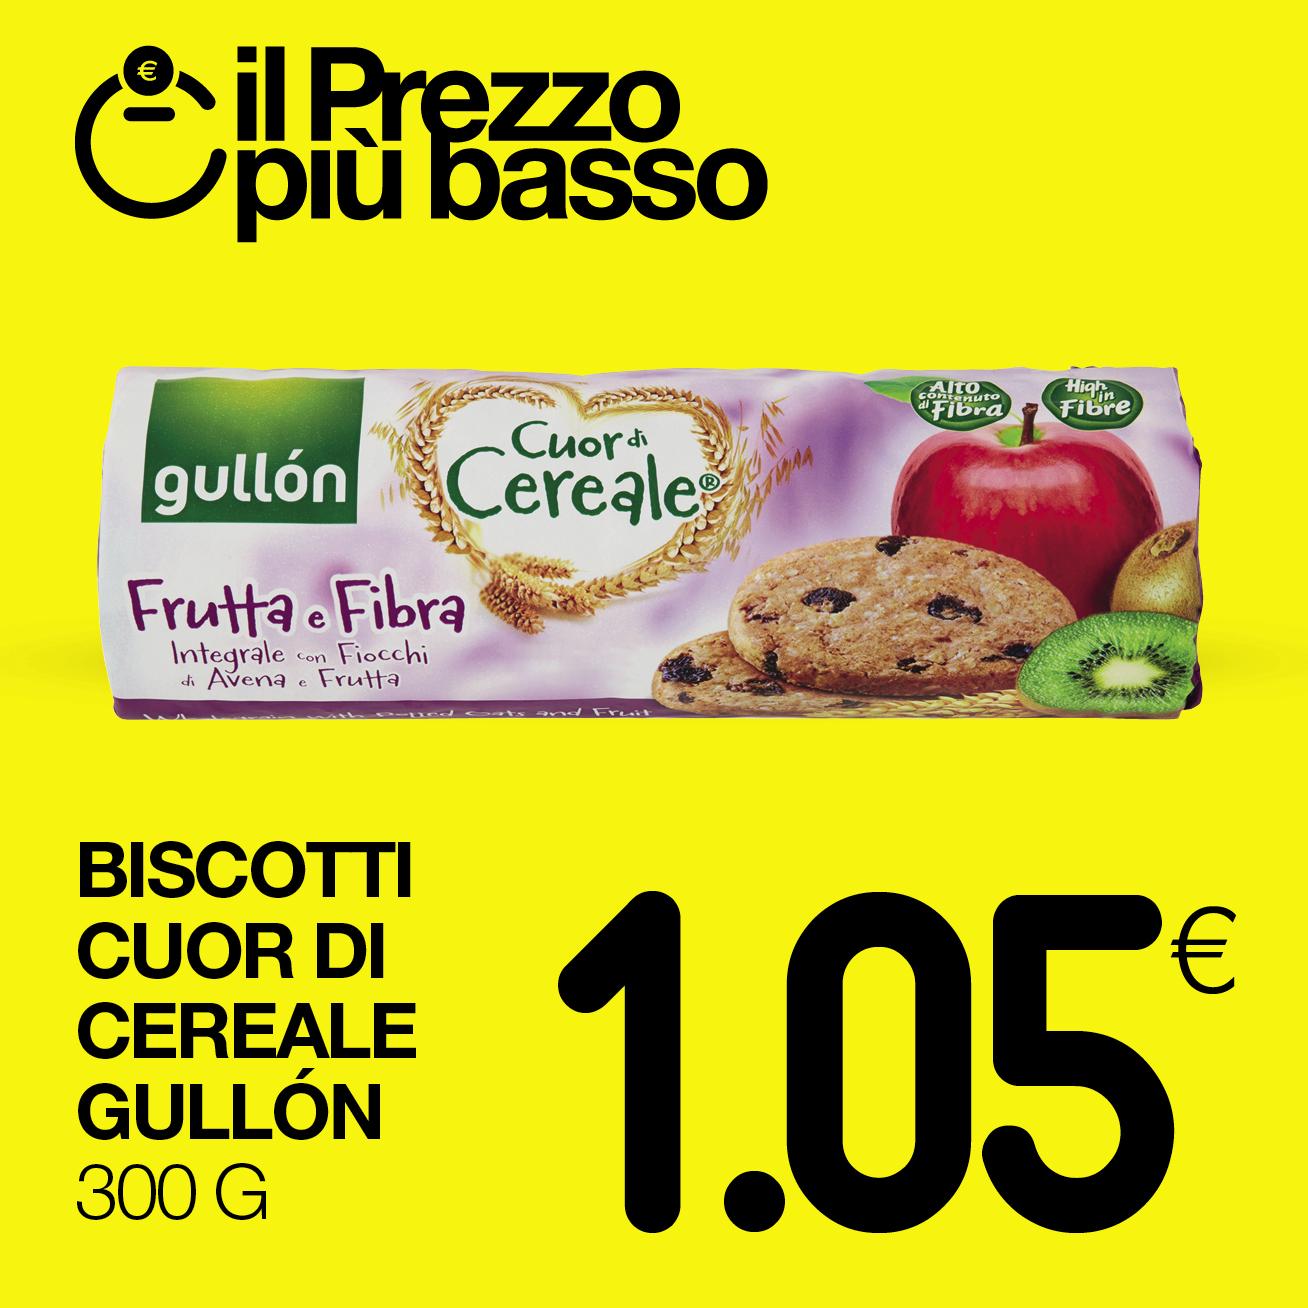 Centro Coop Italia E Offerte Promozioni Volantini Supermercati xq1wfW46Xw